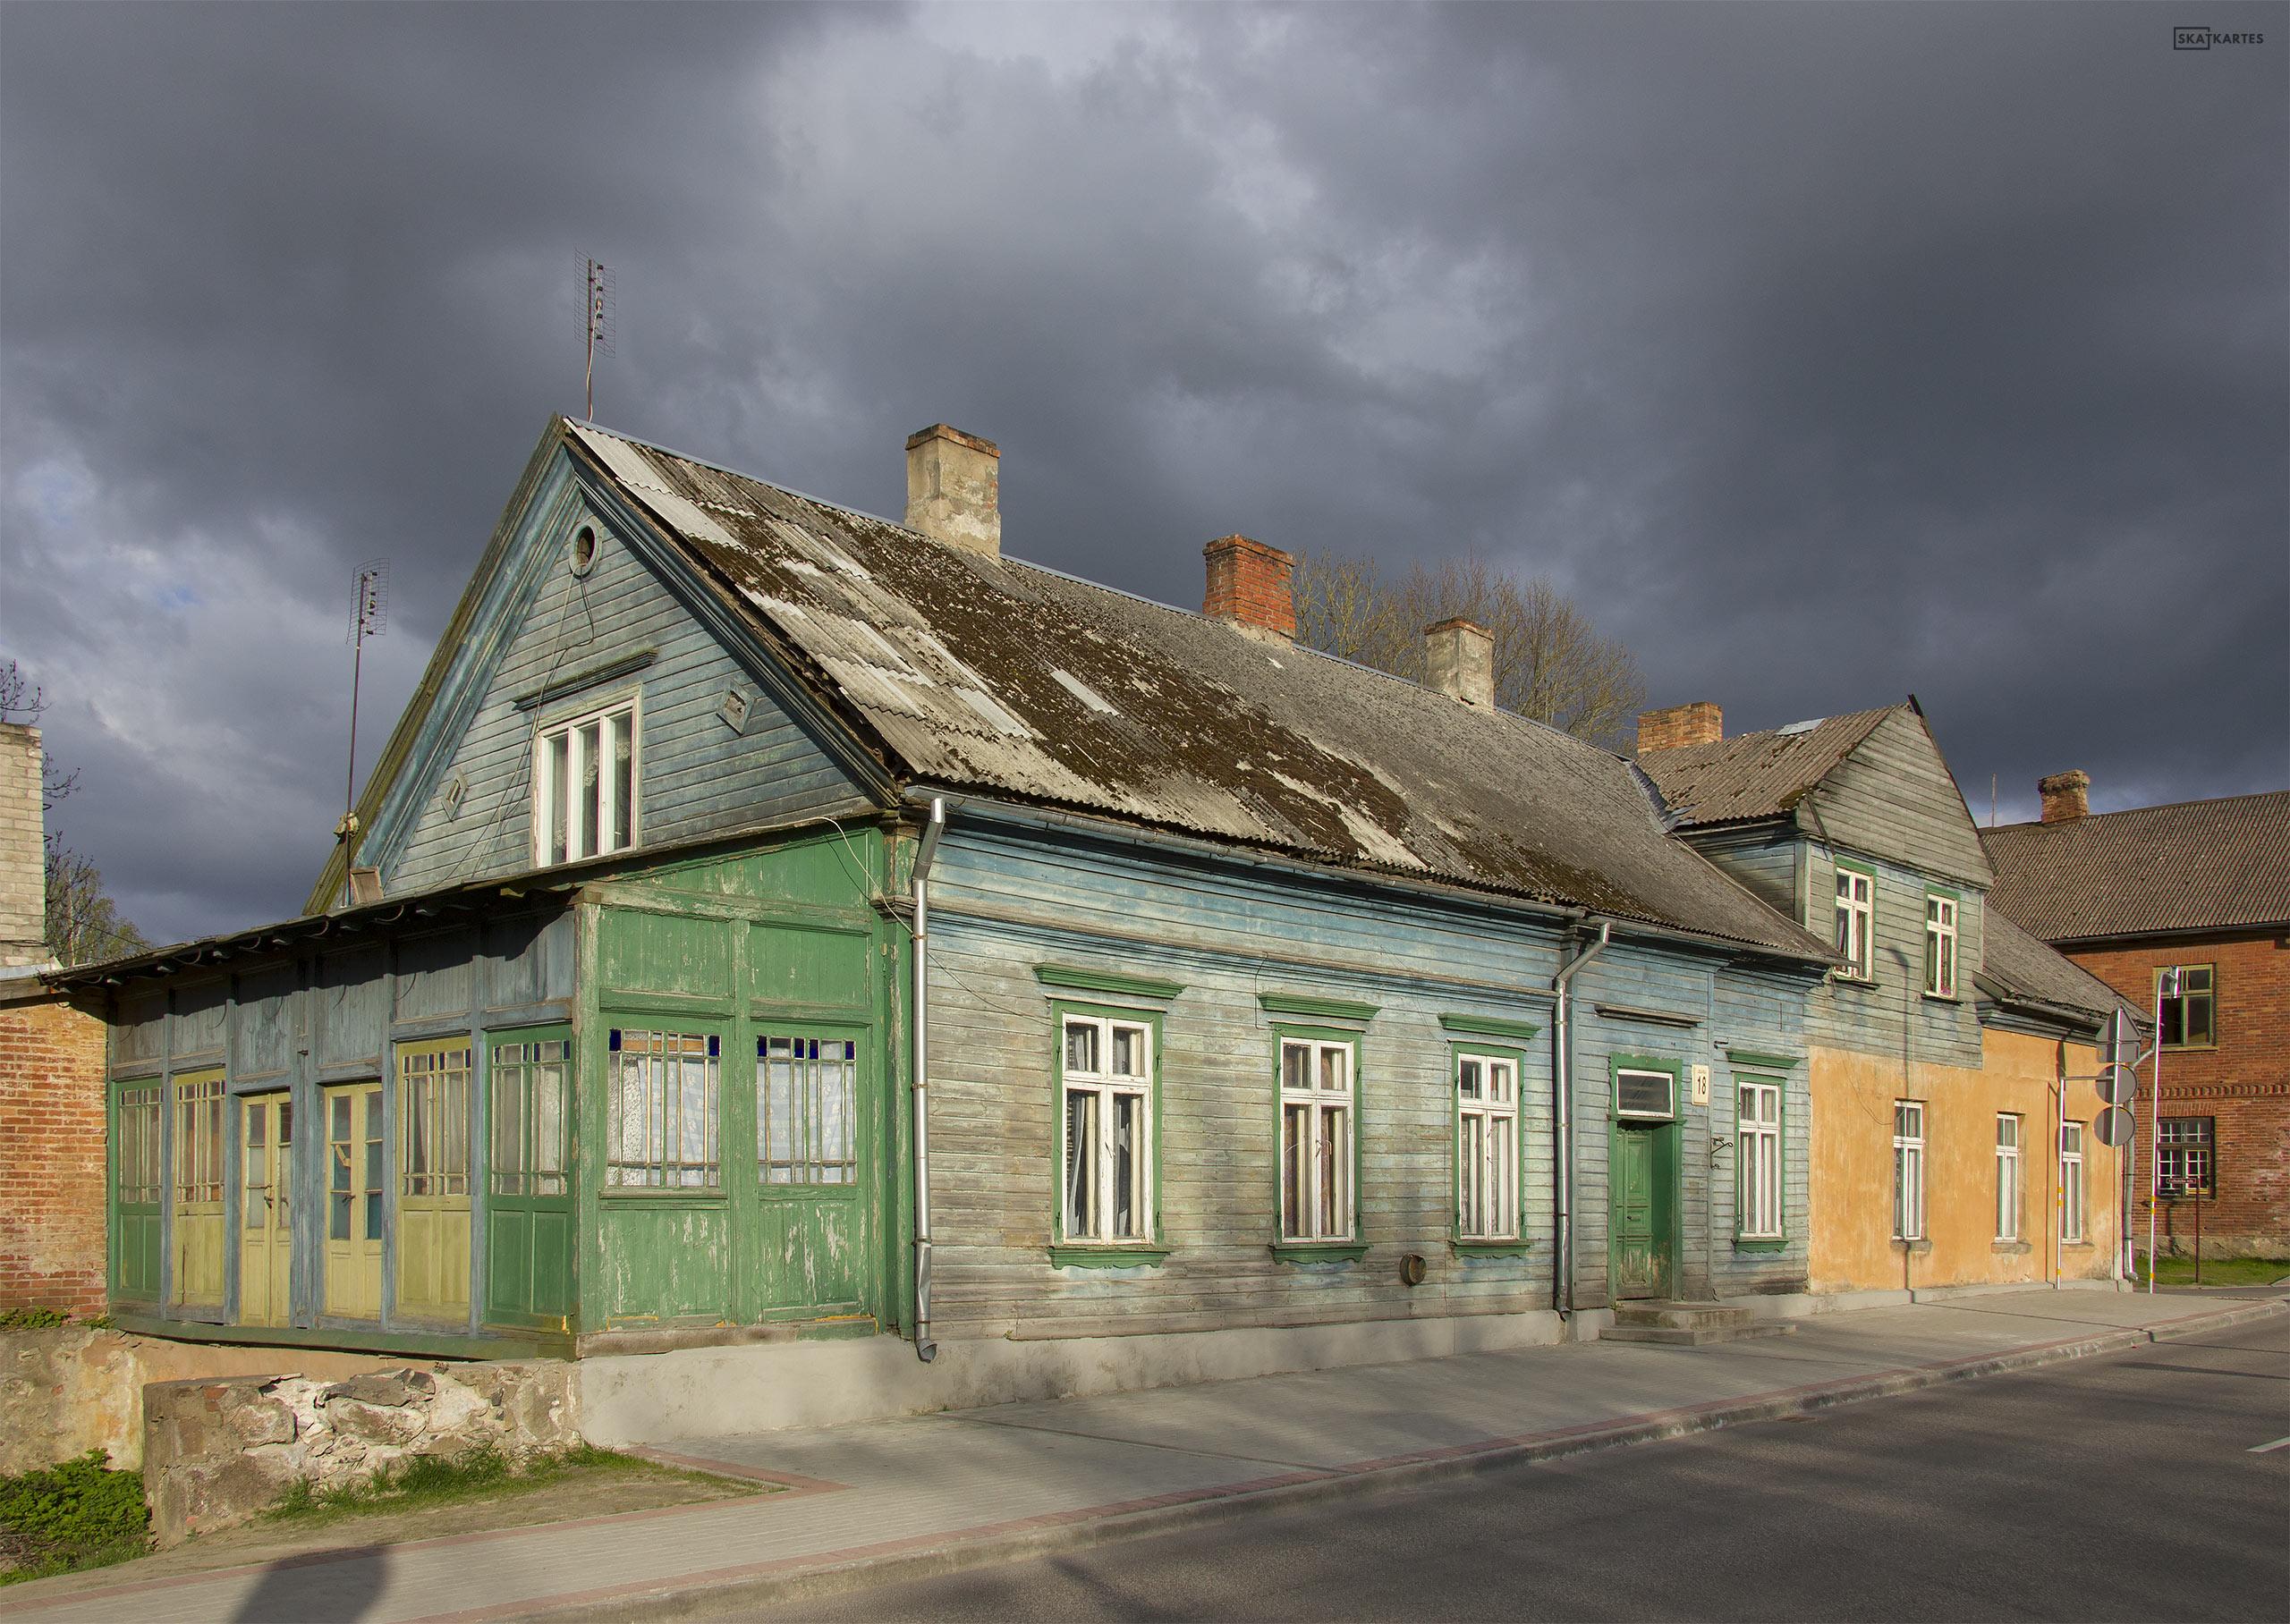 1077-Skatkartes-Latvija-Kurzeme-Valdemarpils-Liela-iela-18-2015